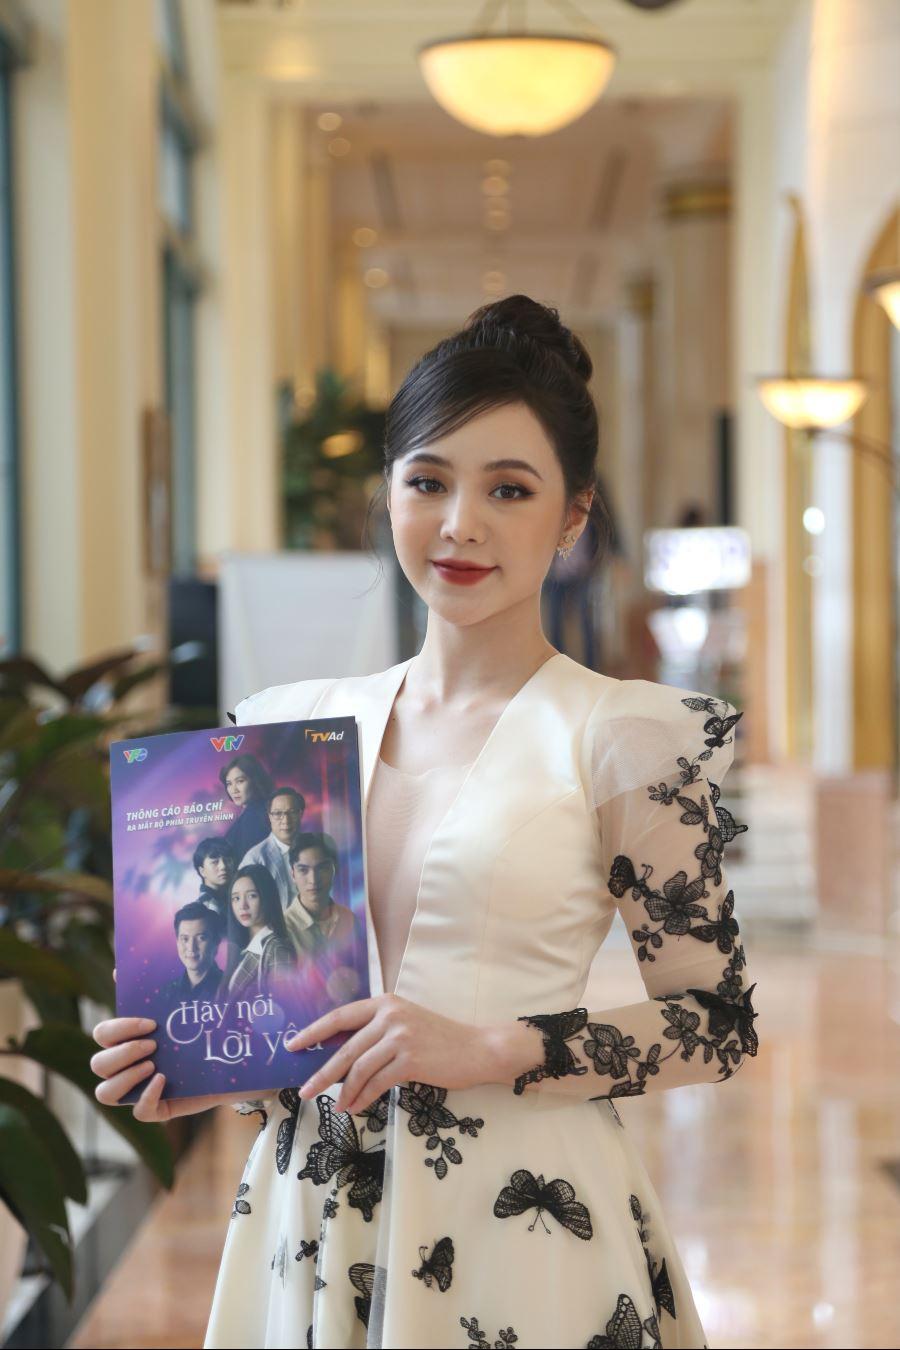 Quỳnh Kool đảm nhận vai Hoàng My - cô gái trẻ tuổi với những mâu thuẫn, sự đổ vỡ niềm tin về bố mẹ.